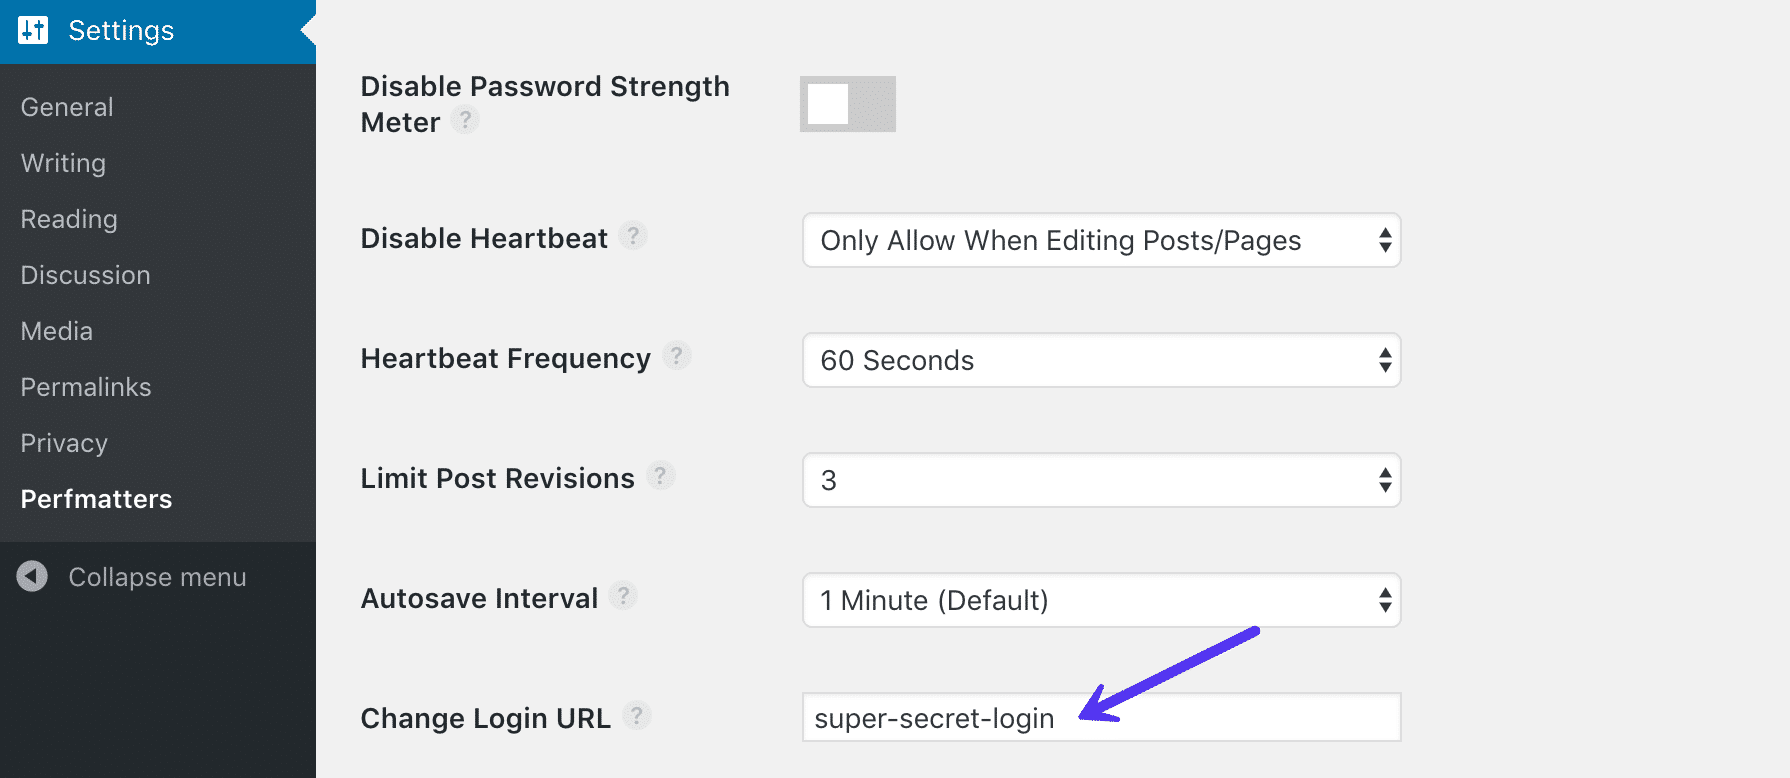 Cambiare l'URL di accesso a WordPress in Perfmatters